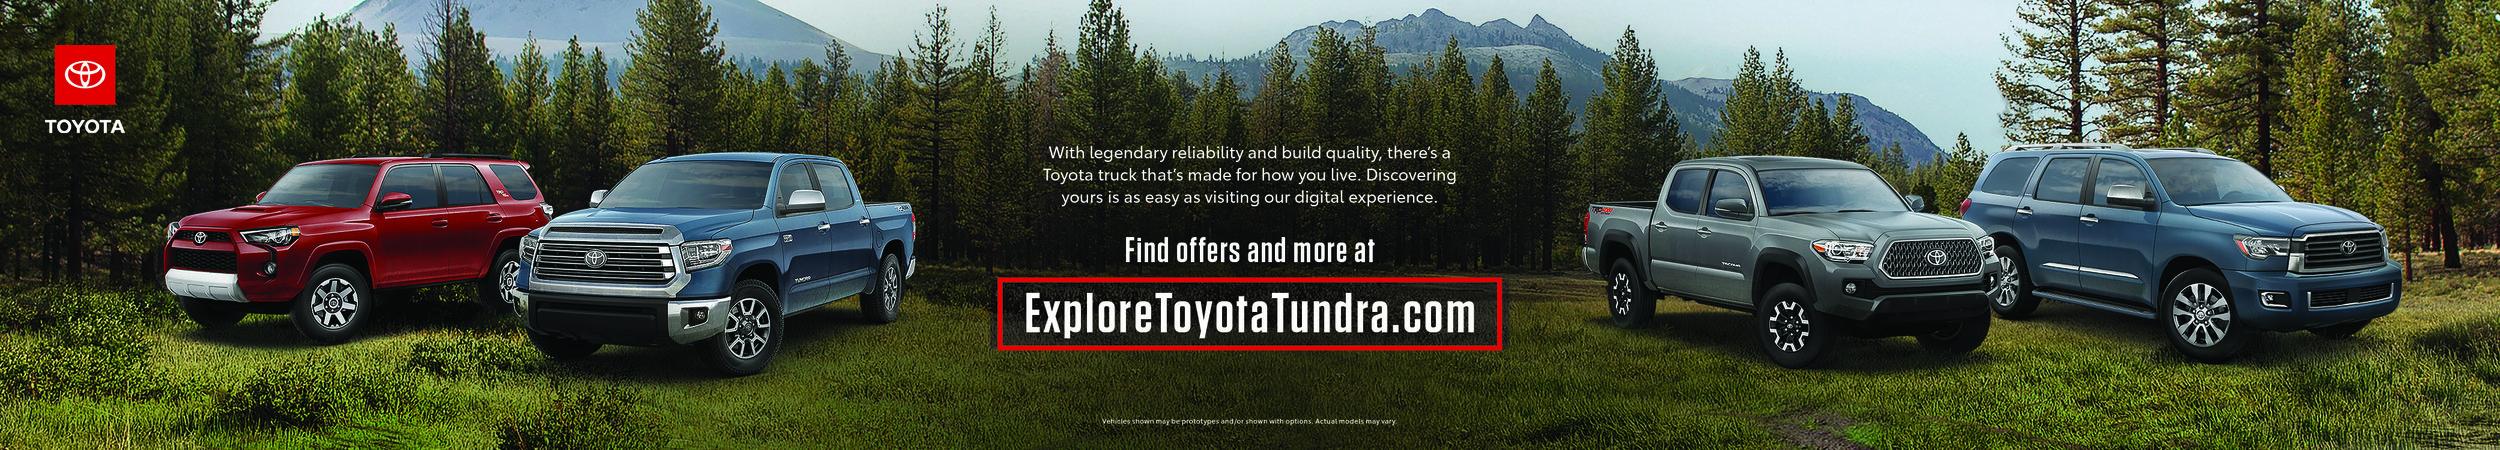 075133_TrucksExperience_TUNDRA_DM_5x72.jpg